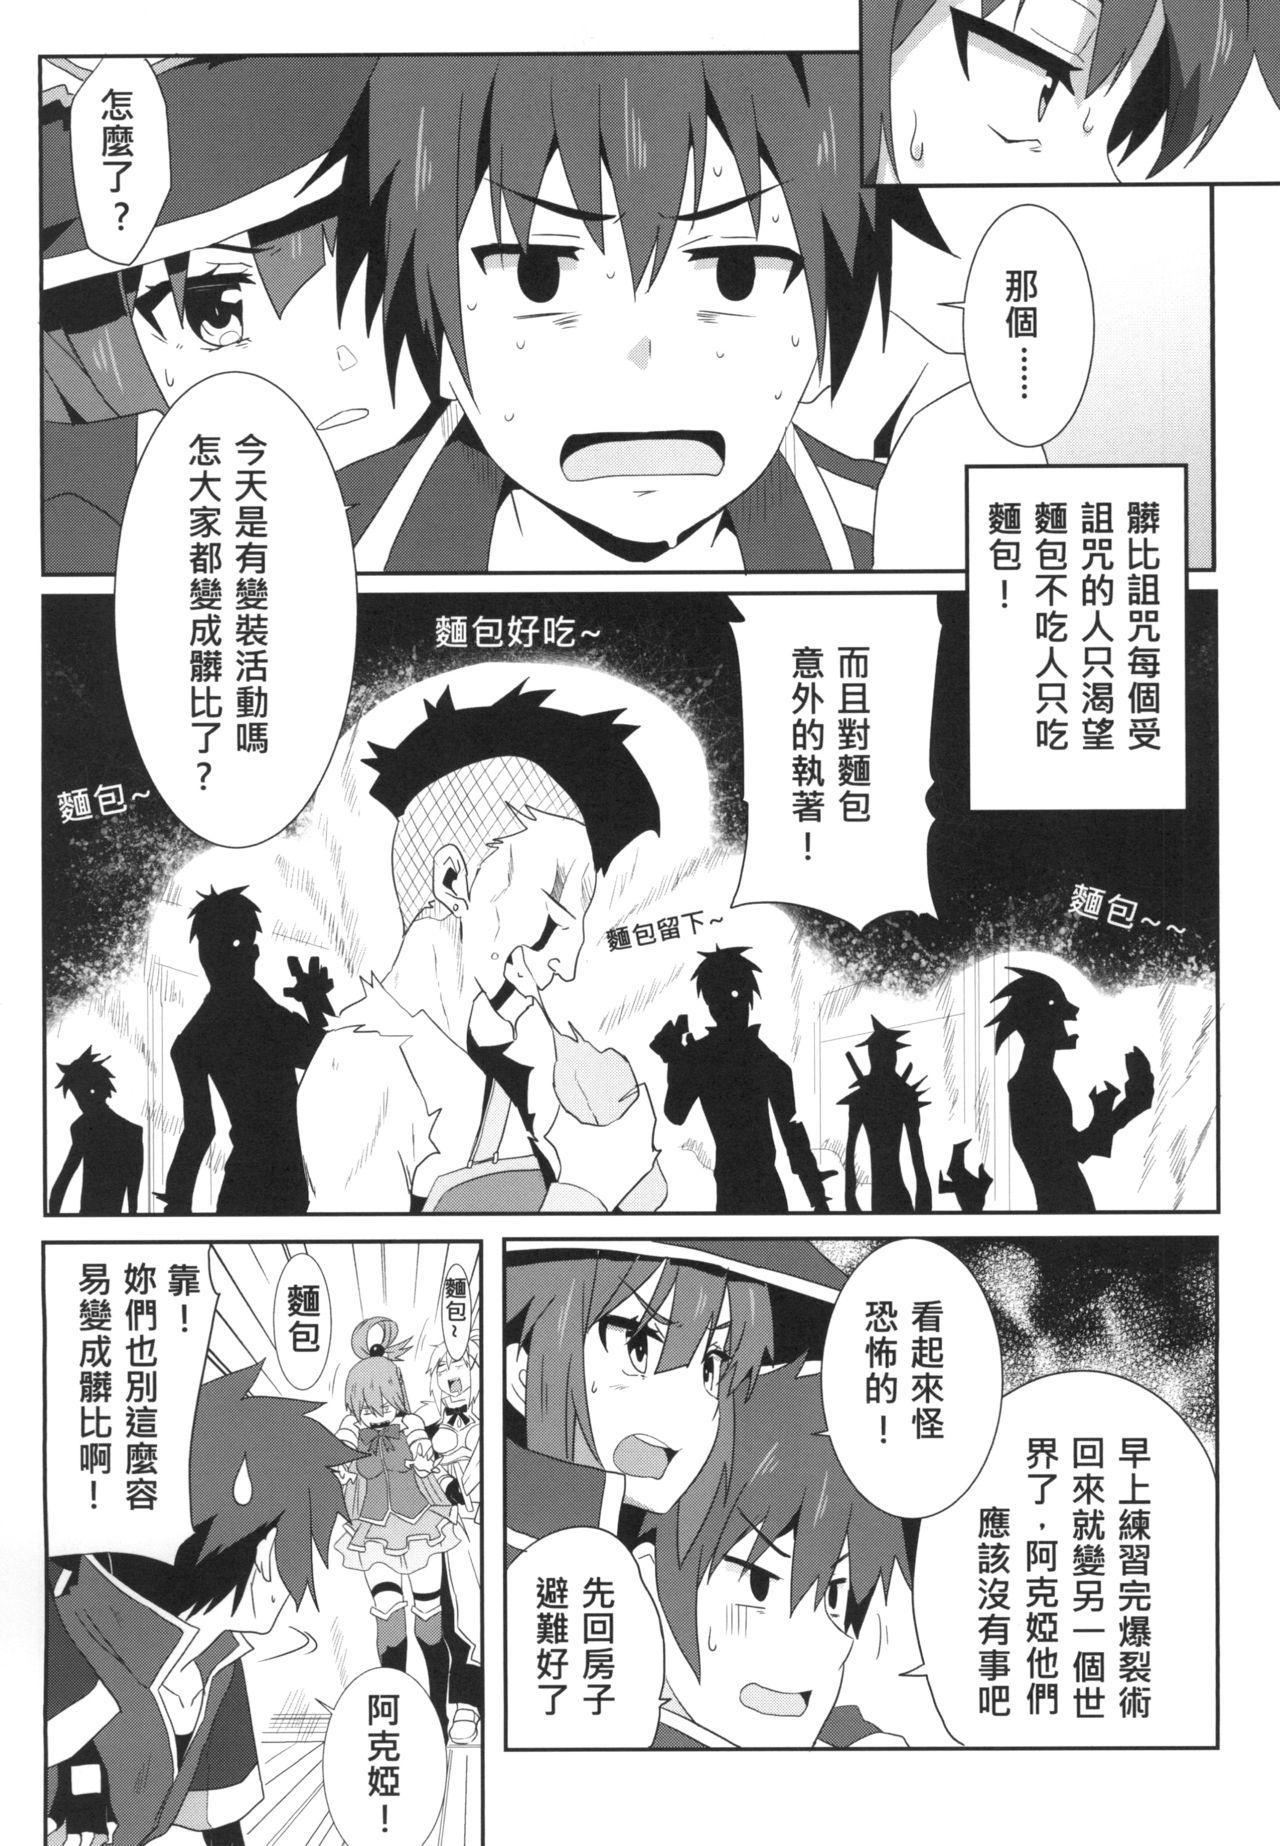 Megumin ni Kareina Shasei o! 4 | 為惠惠獻上華麗的爆射4! 8